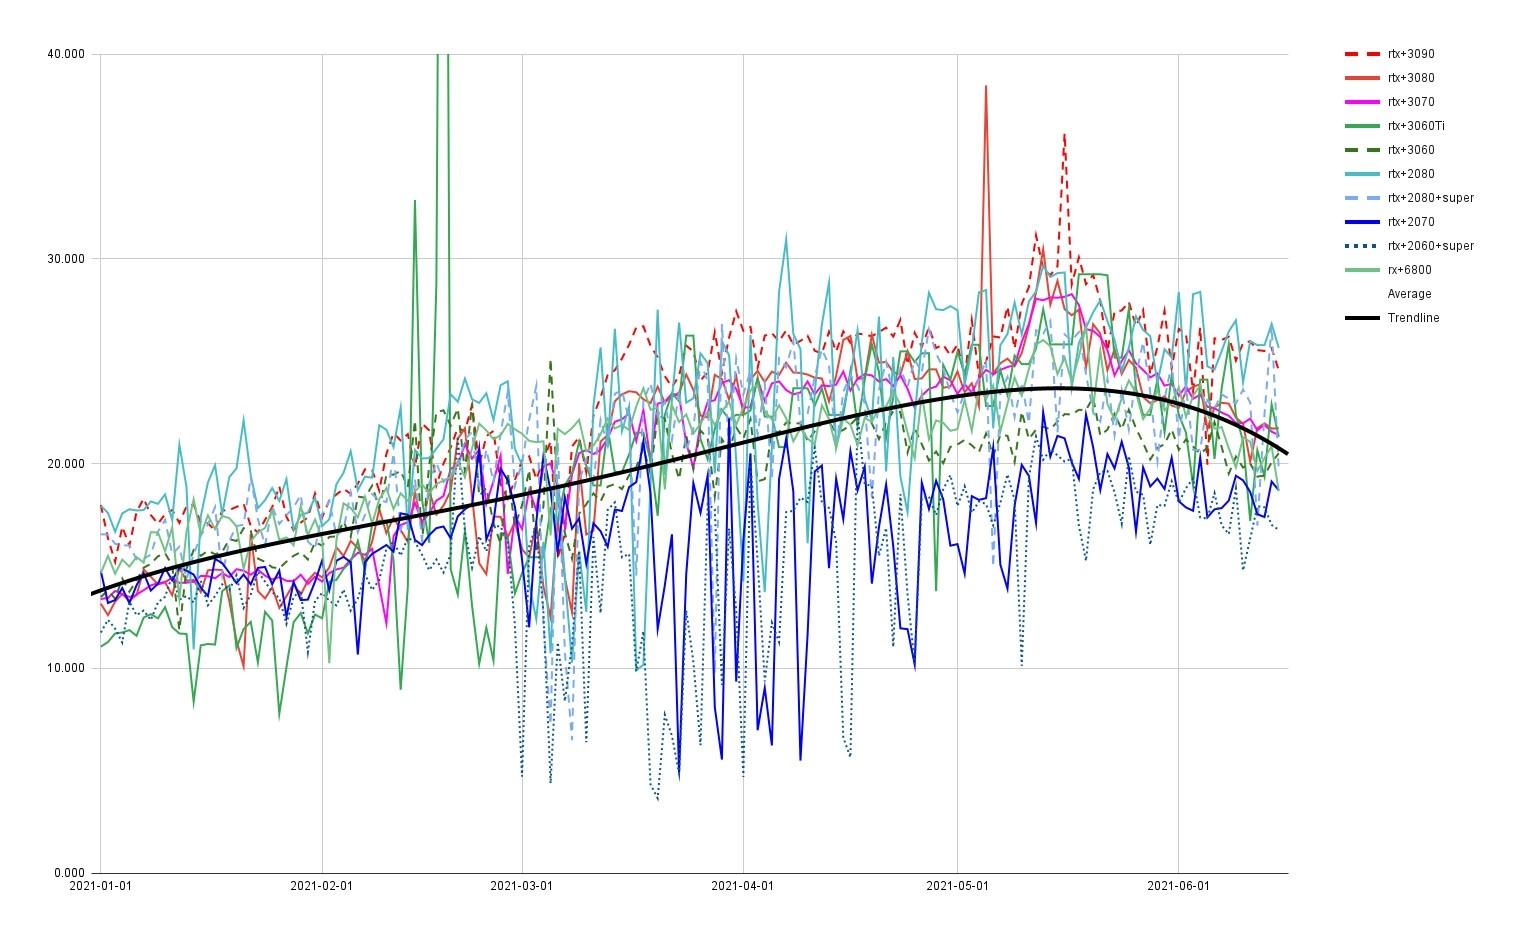 显卡开始降价:RTX 3090跌幅达32% 3080跌了25%